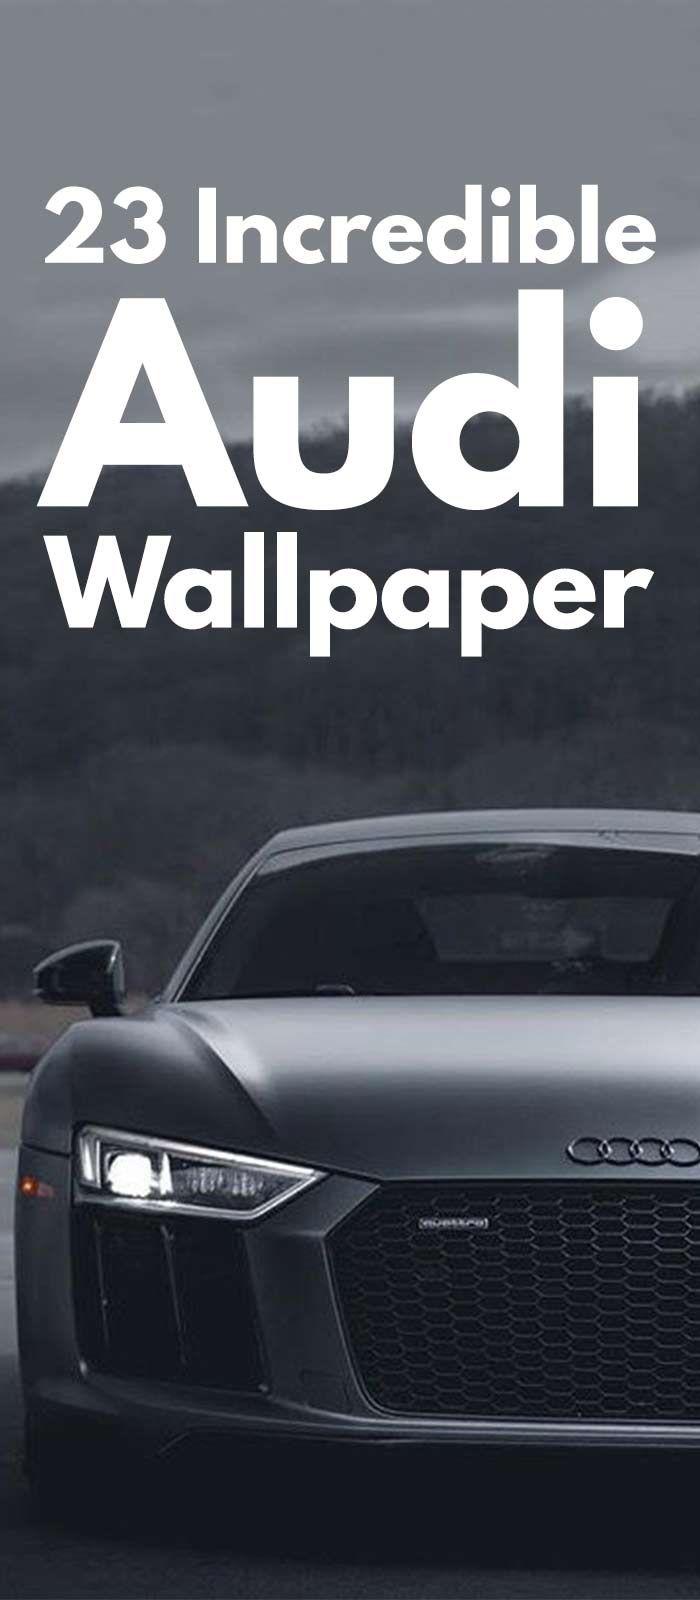 23 Incredible Audi Cars Wallpaper Images In 2020 Audi The Incredibles Audi Cars